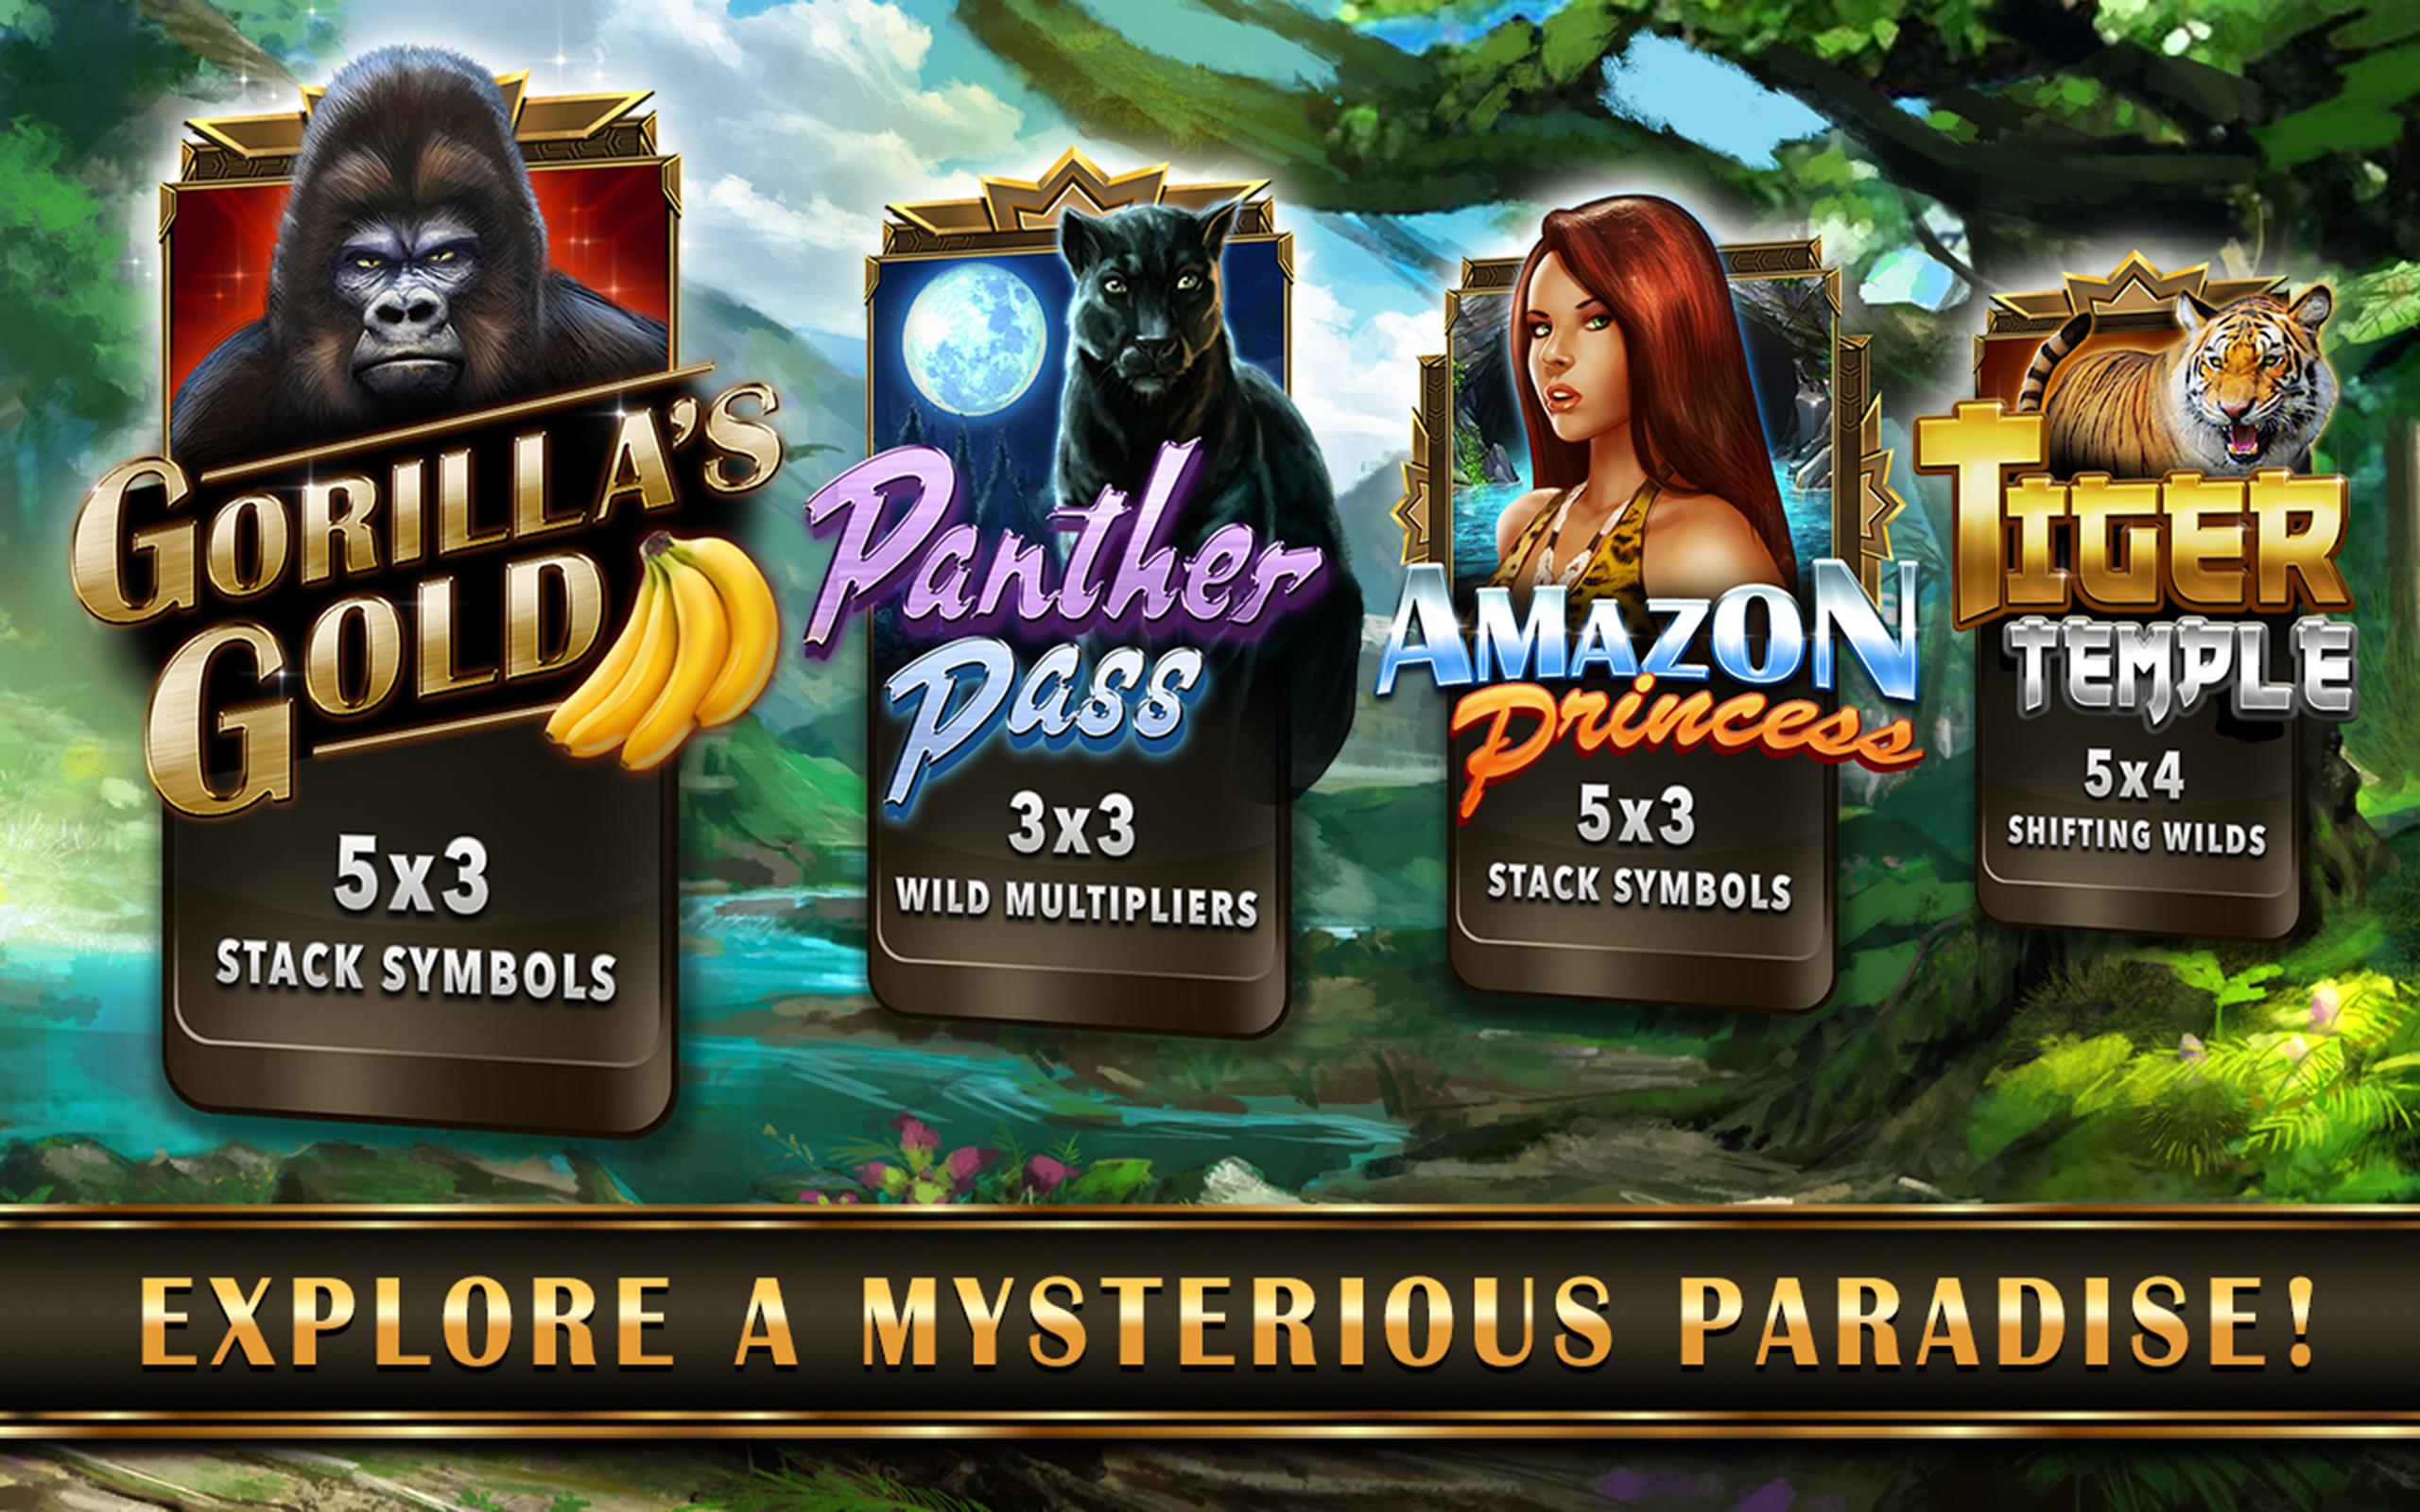 casino slots online gorilla spiele